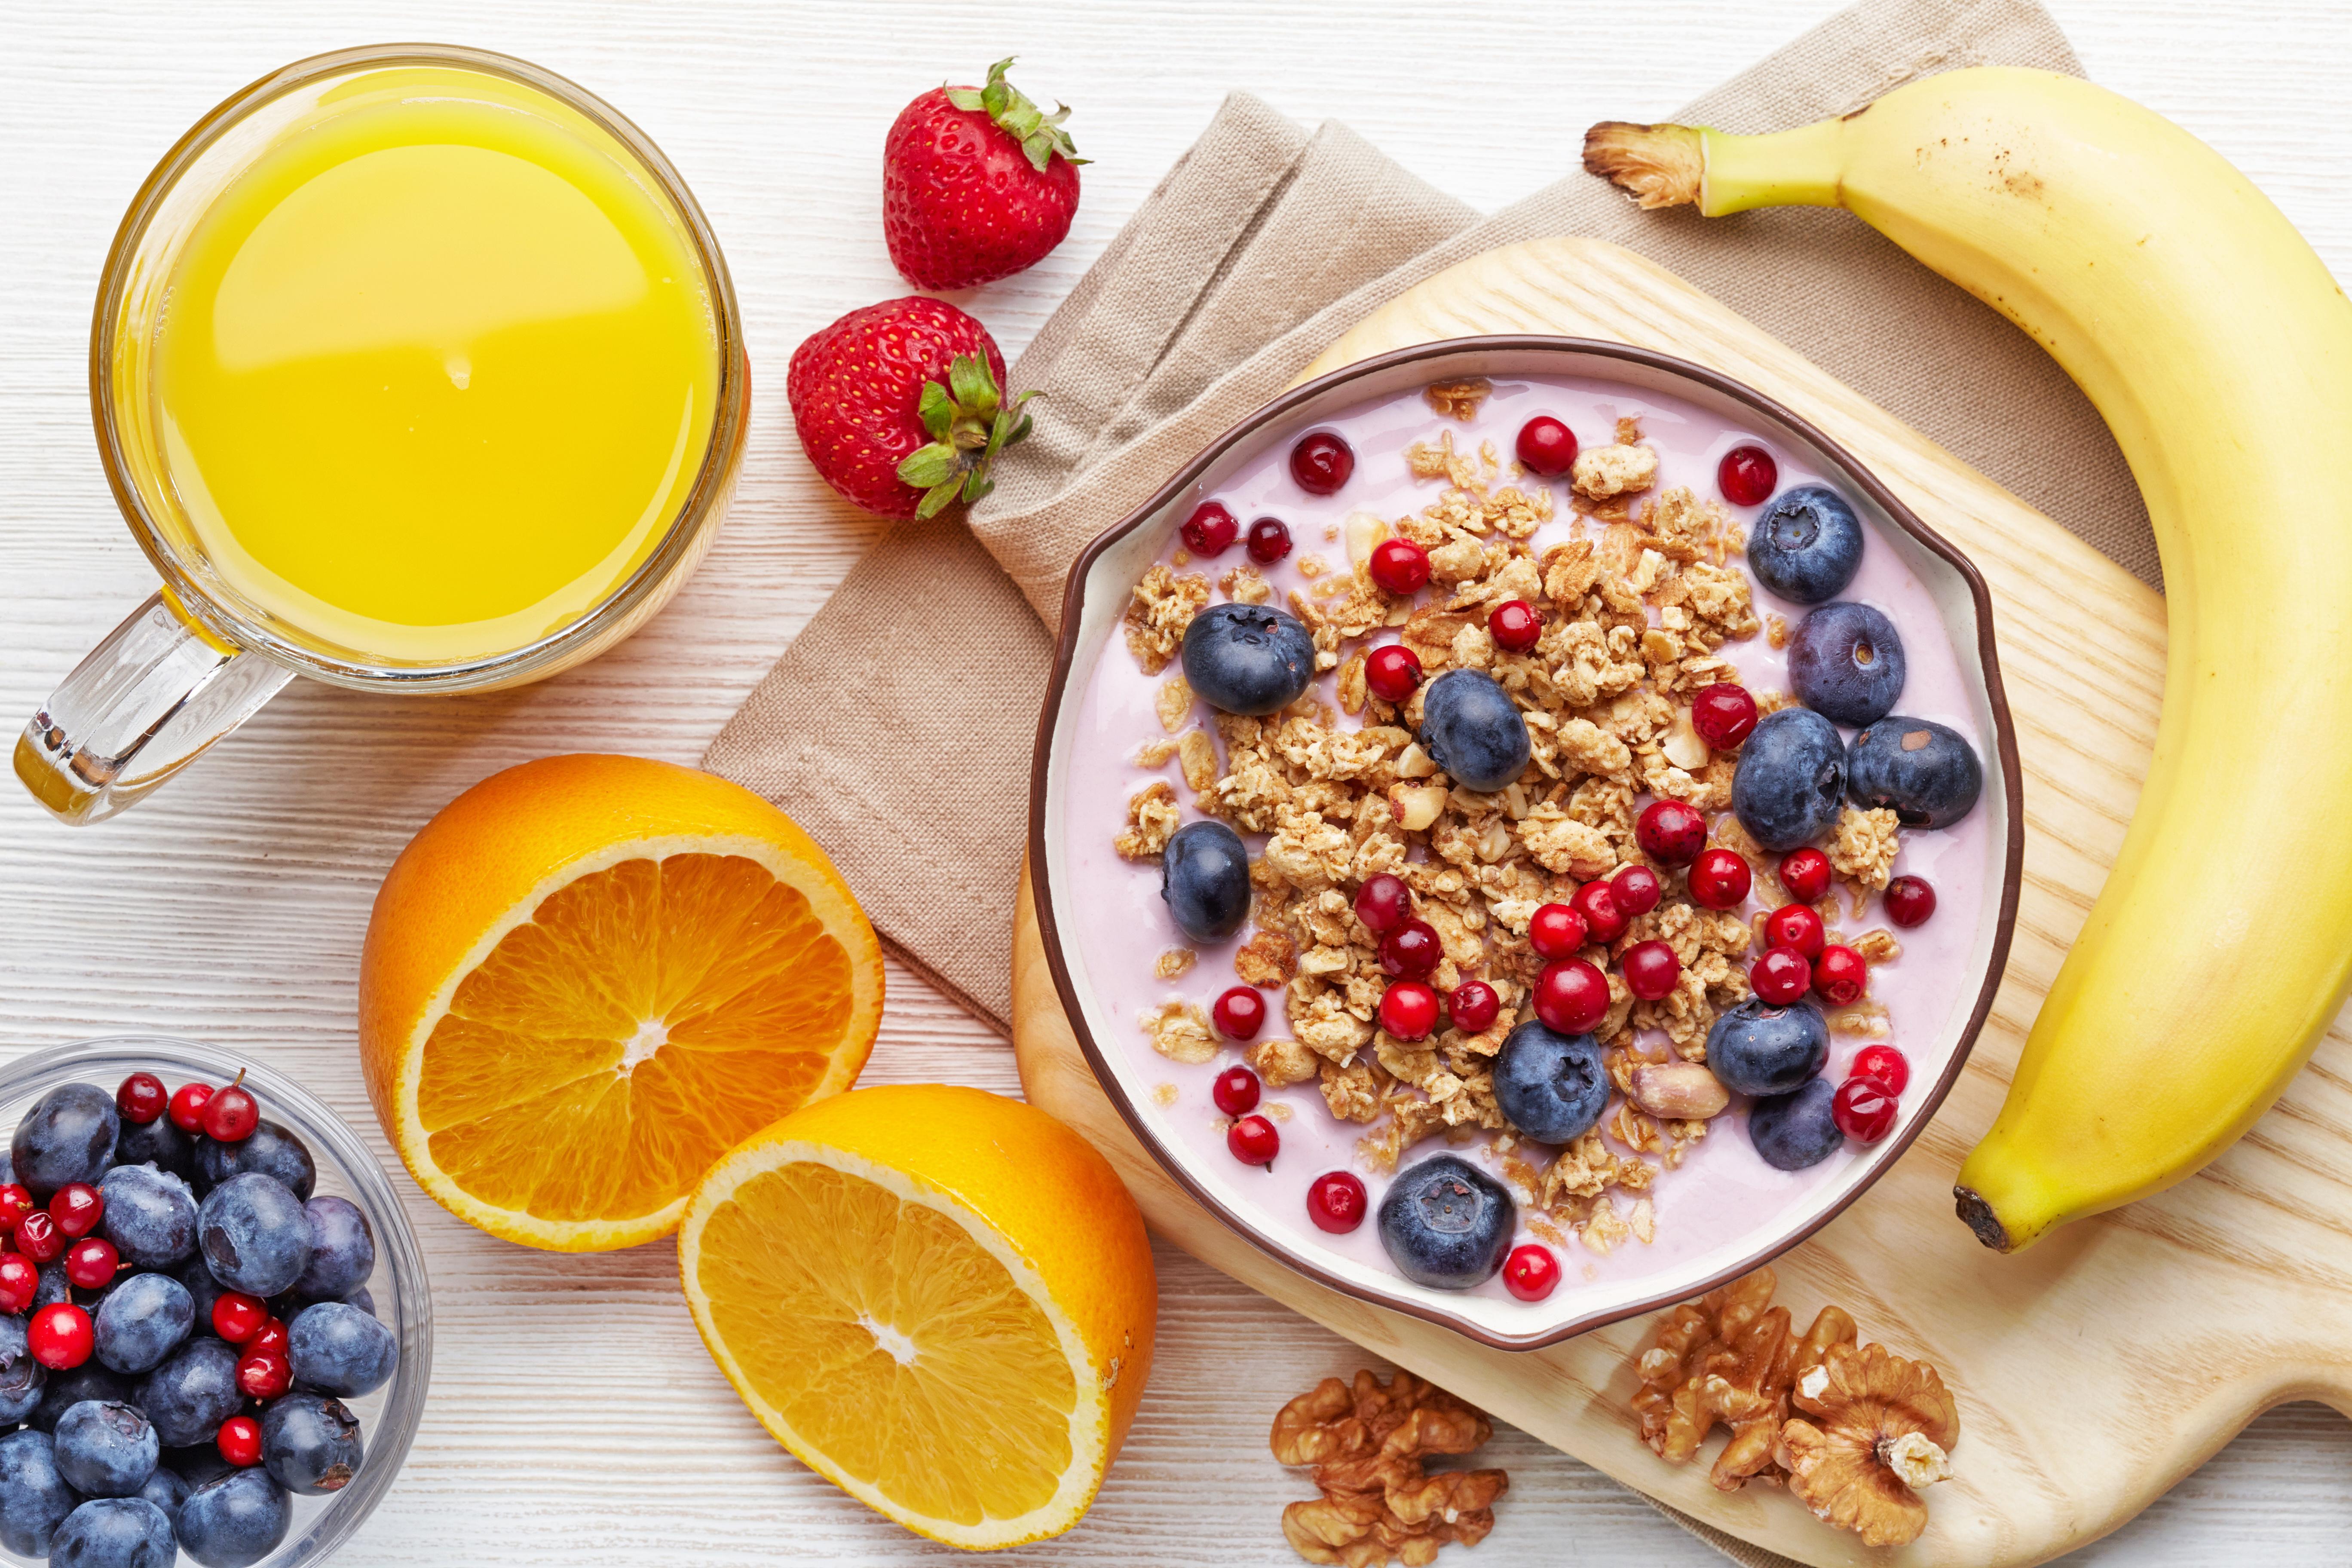 Healthy breakfast on a meal plan.